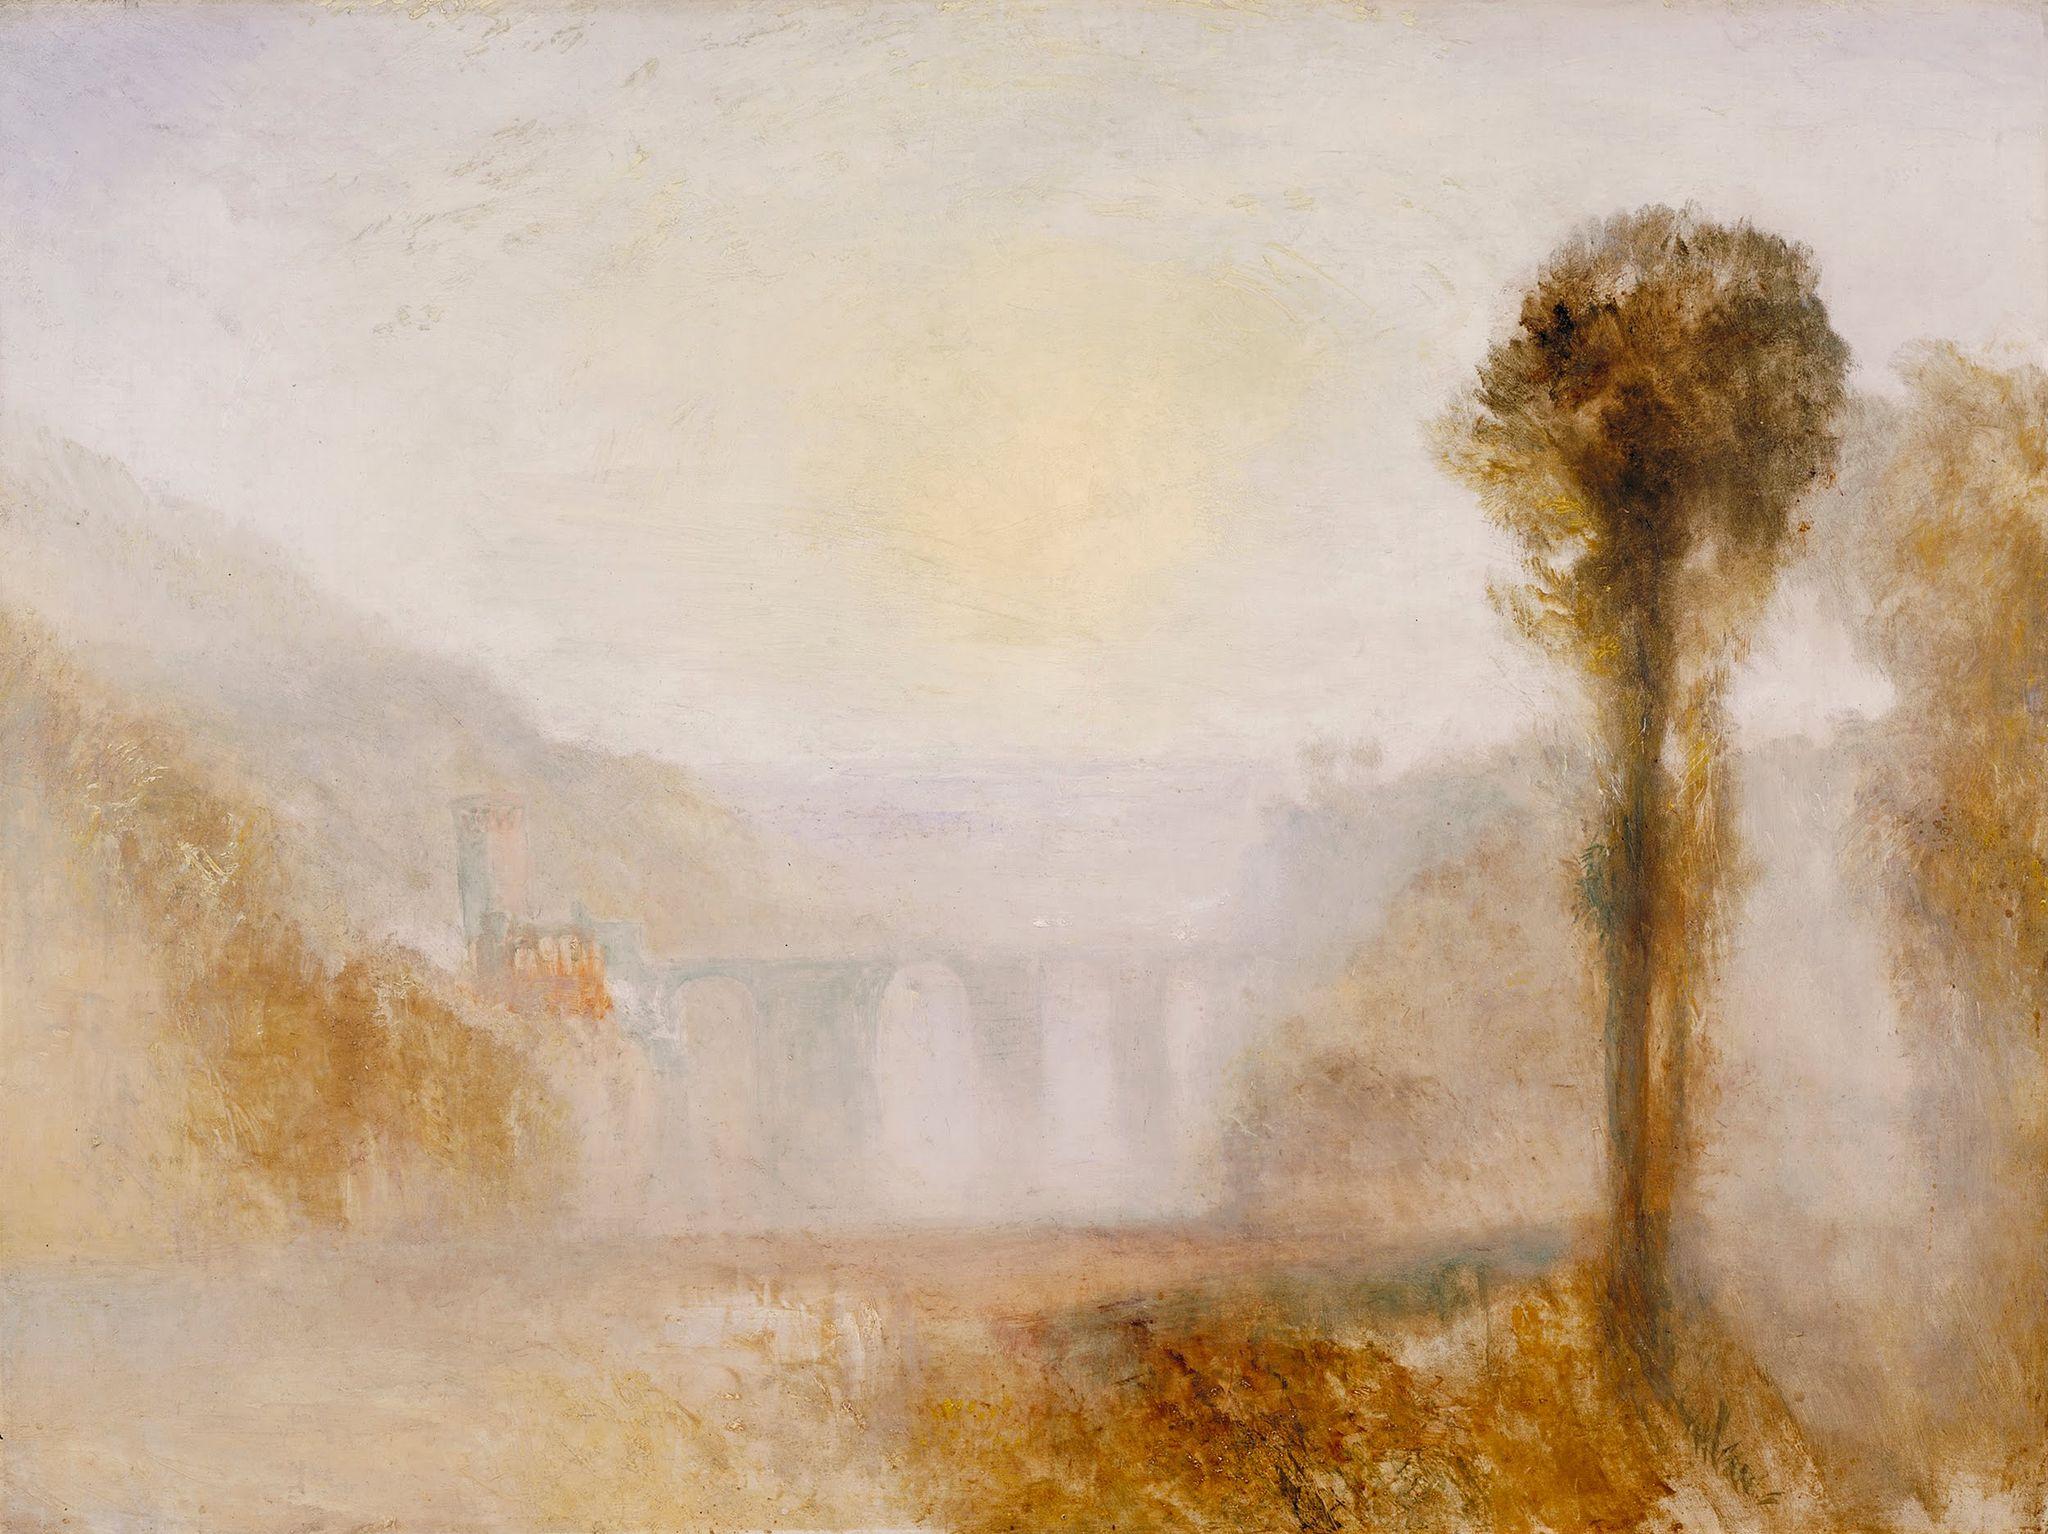 Joseph Mallord William Turner - The Ponte Delle Torri, Spoleto - Google Art Project